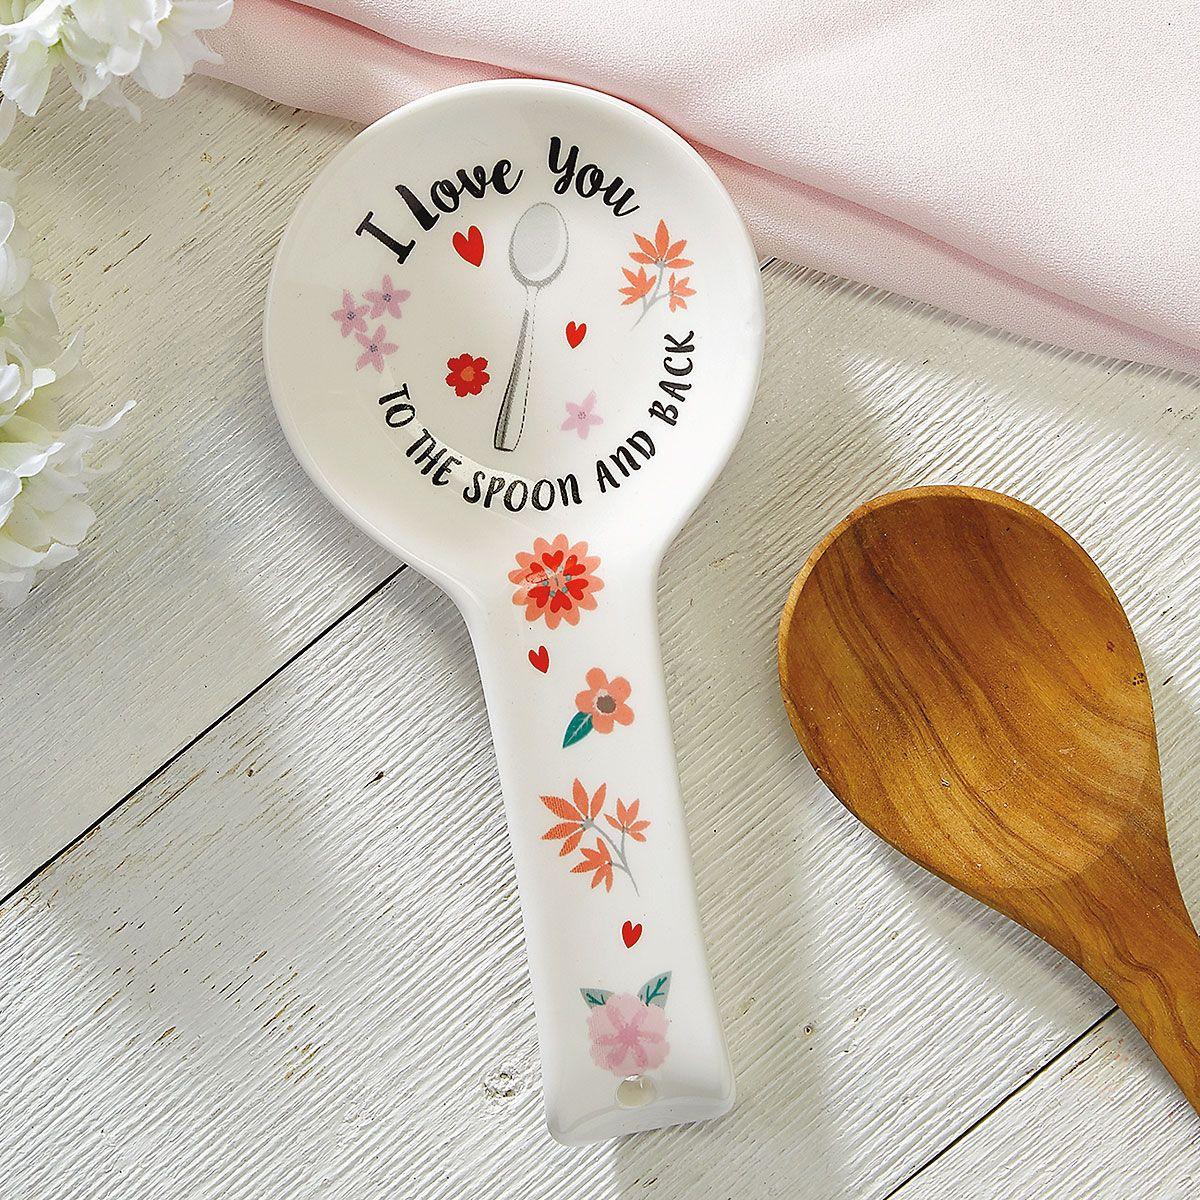 I Love You Ceramic Spoon Rest -BOGO